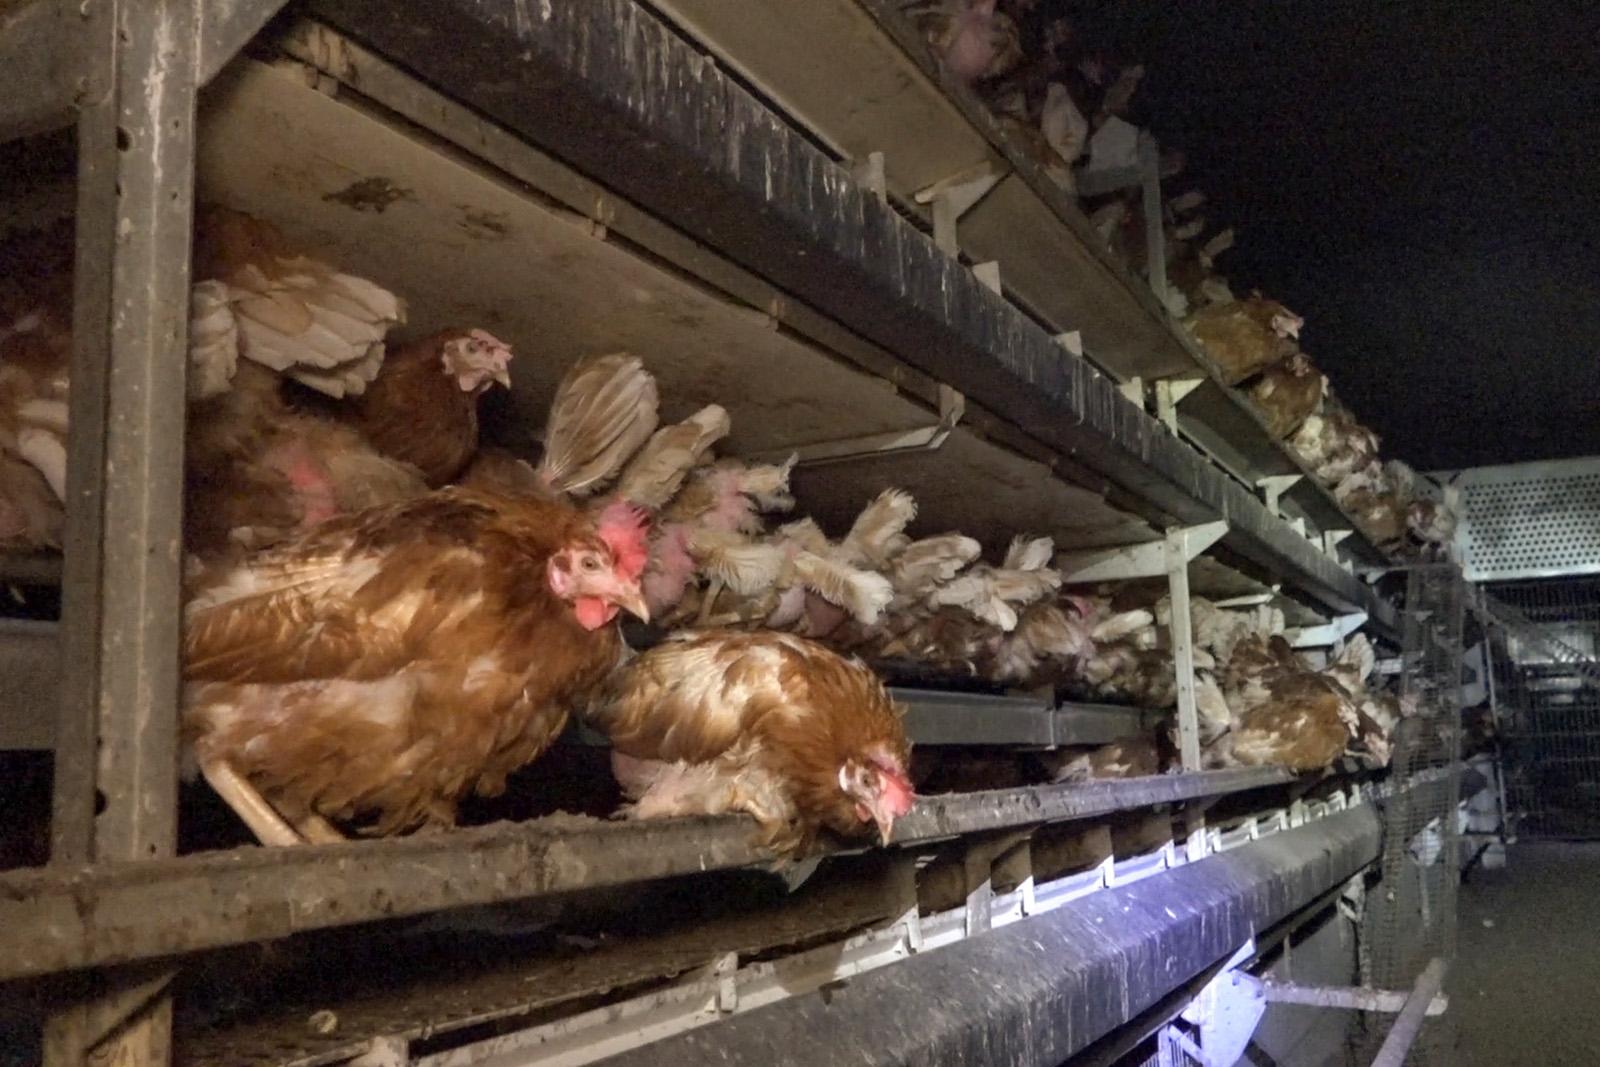 Geliebte Das große Leiden der Hennen für Eier #HJ_45